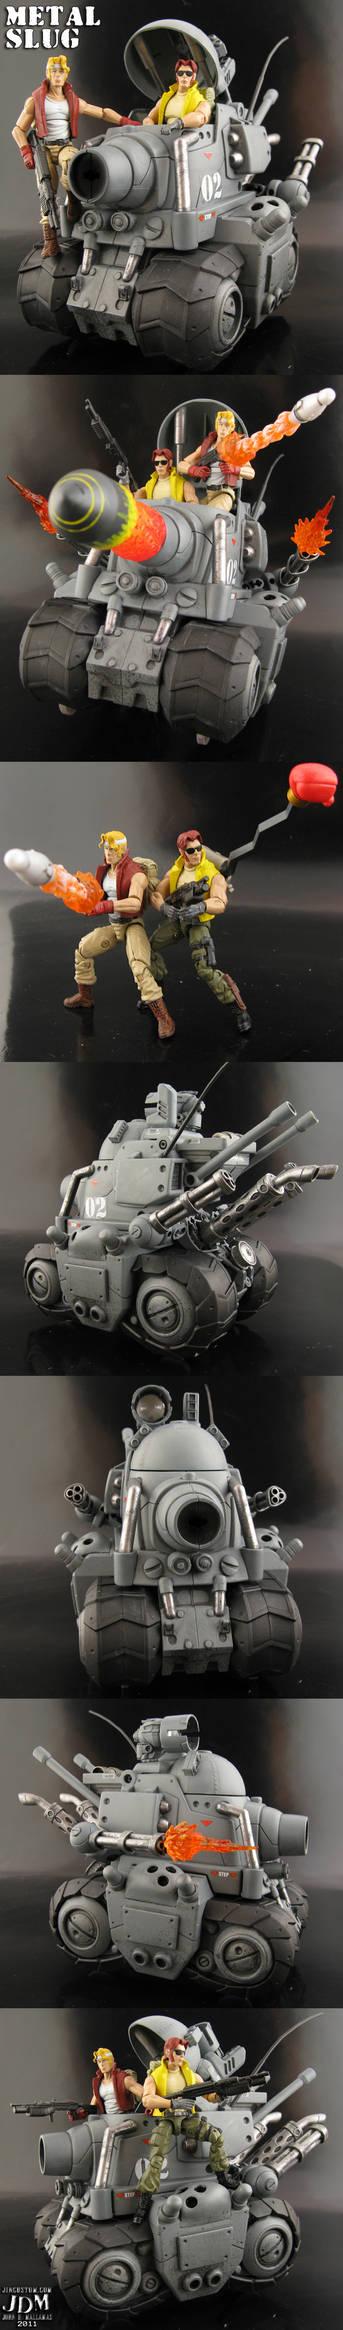 Custom Metal Slug Super Vehicle